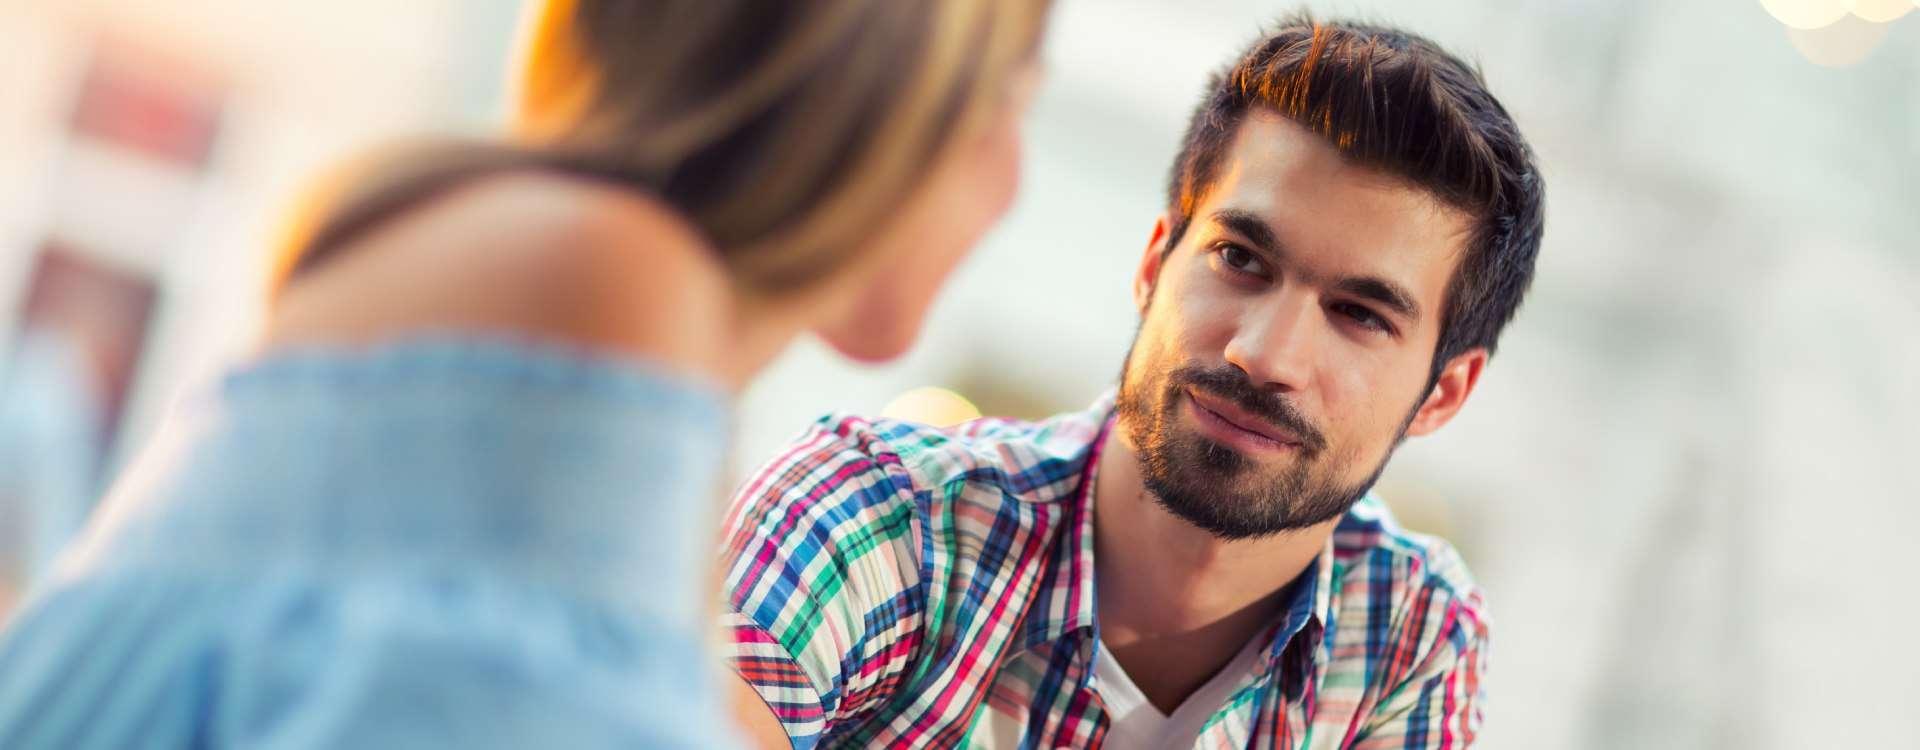 Première rencontre : ce qui plaît aux hommes !